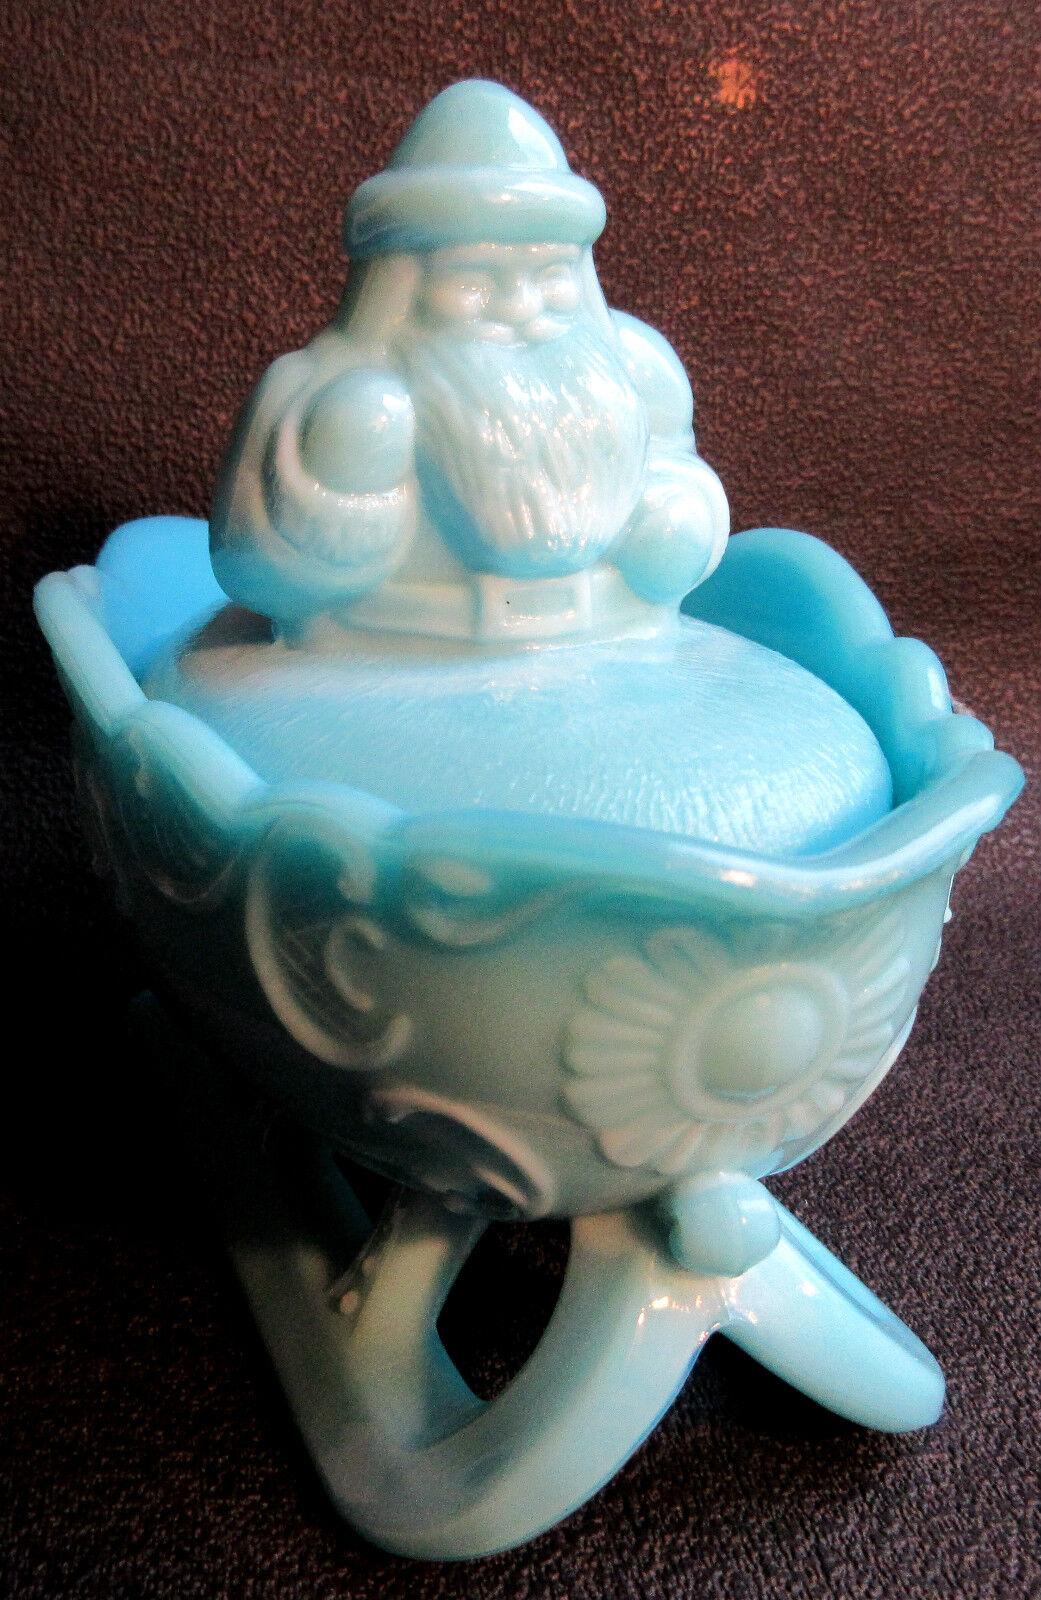 boite bonbonni re barbotine opaline bleue p re no l sur son traineau eur 125 00 picclick fr. Black Bedroom Furniture Sets. Home Design Ideas